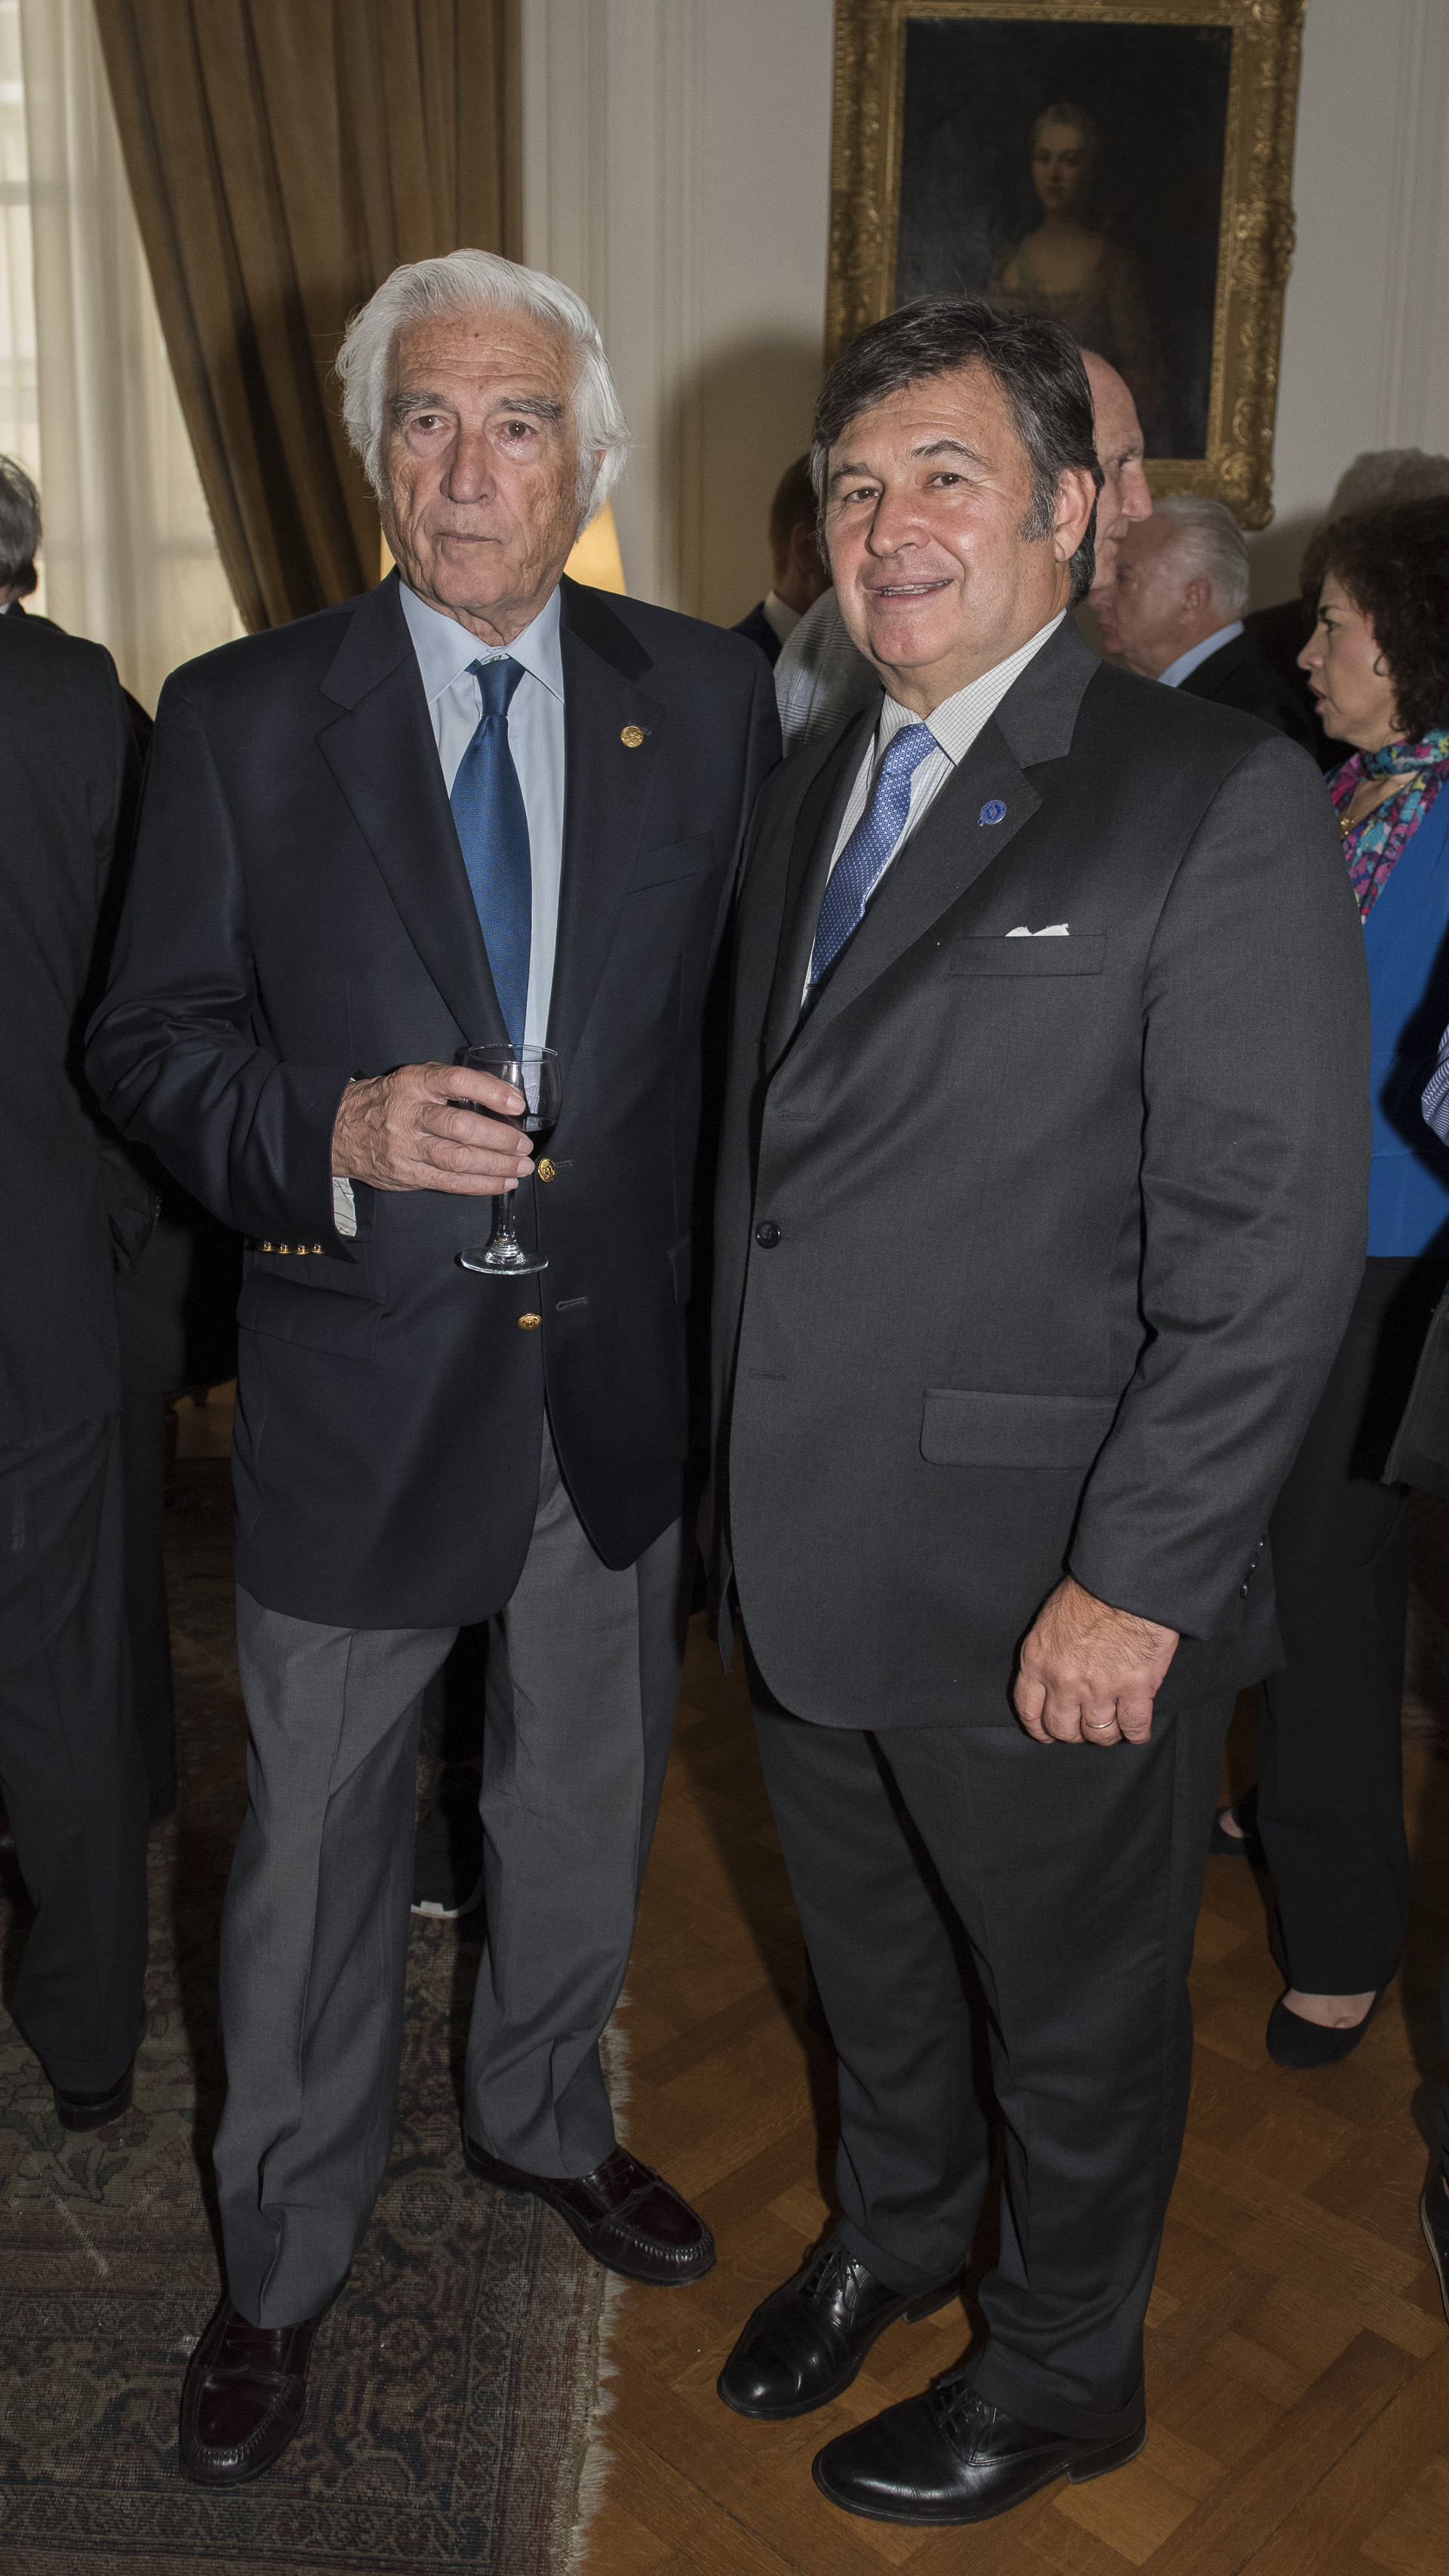 El ex presidente de la Sociedad Rural Argentina, Luciano Miguens, junto al actual presidente, Daniel Pelegrina